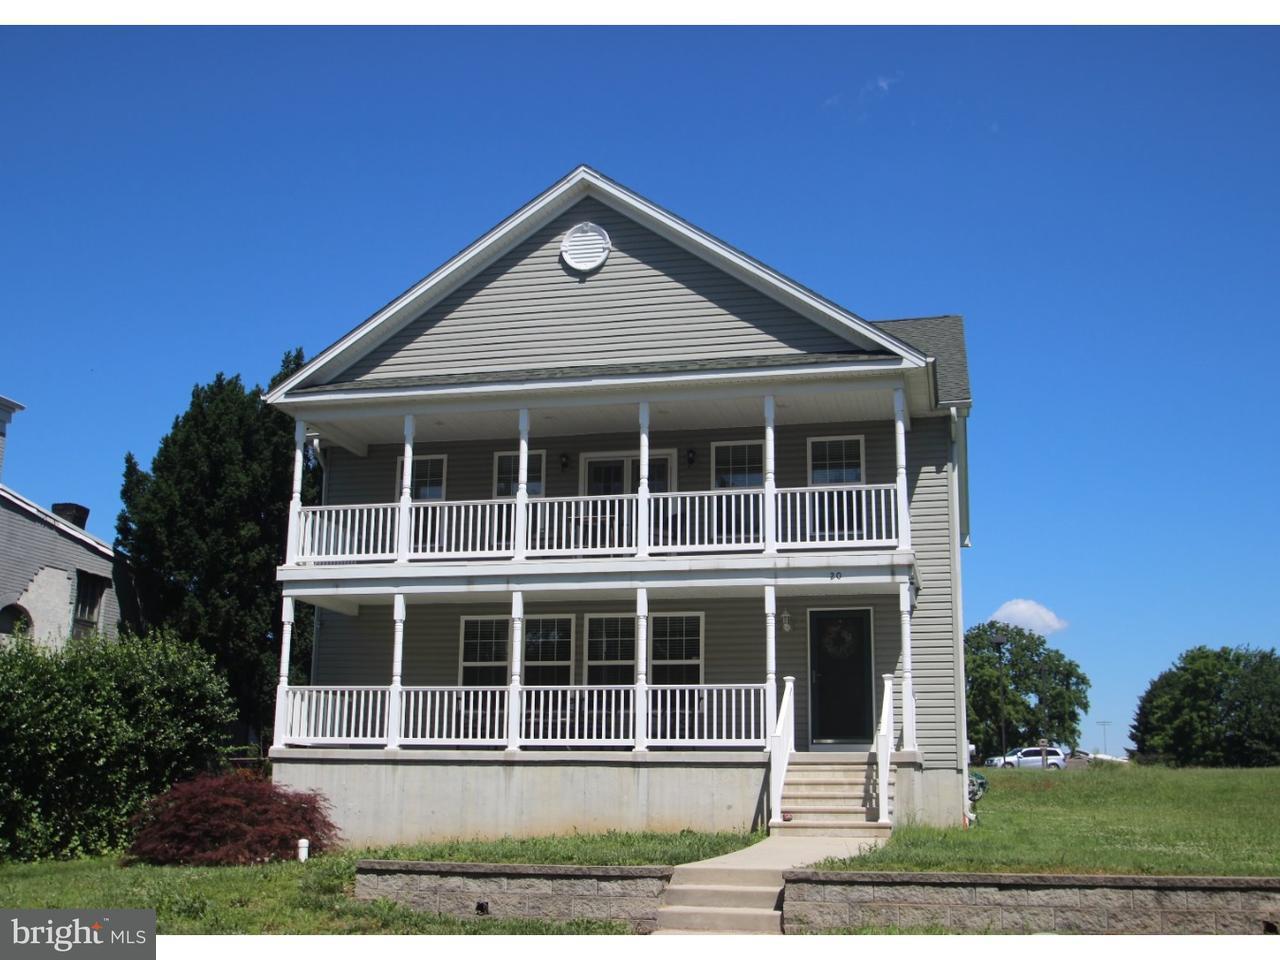 Частный односемейный дом для того Продажа на 20 E DELAWARE Avenue Marcus Hook, Пенсильвания 19061 Соединенные Штаты